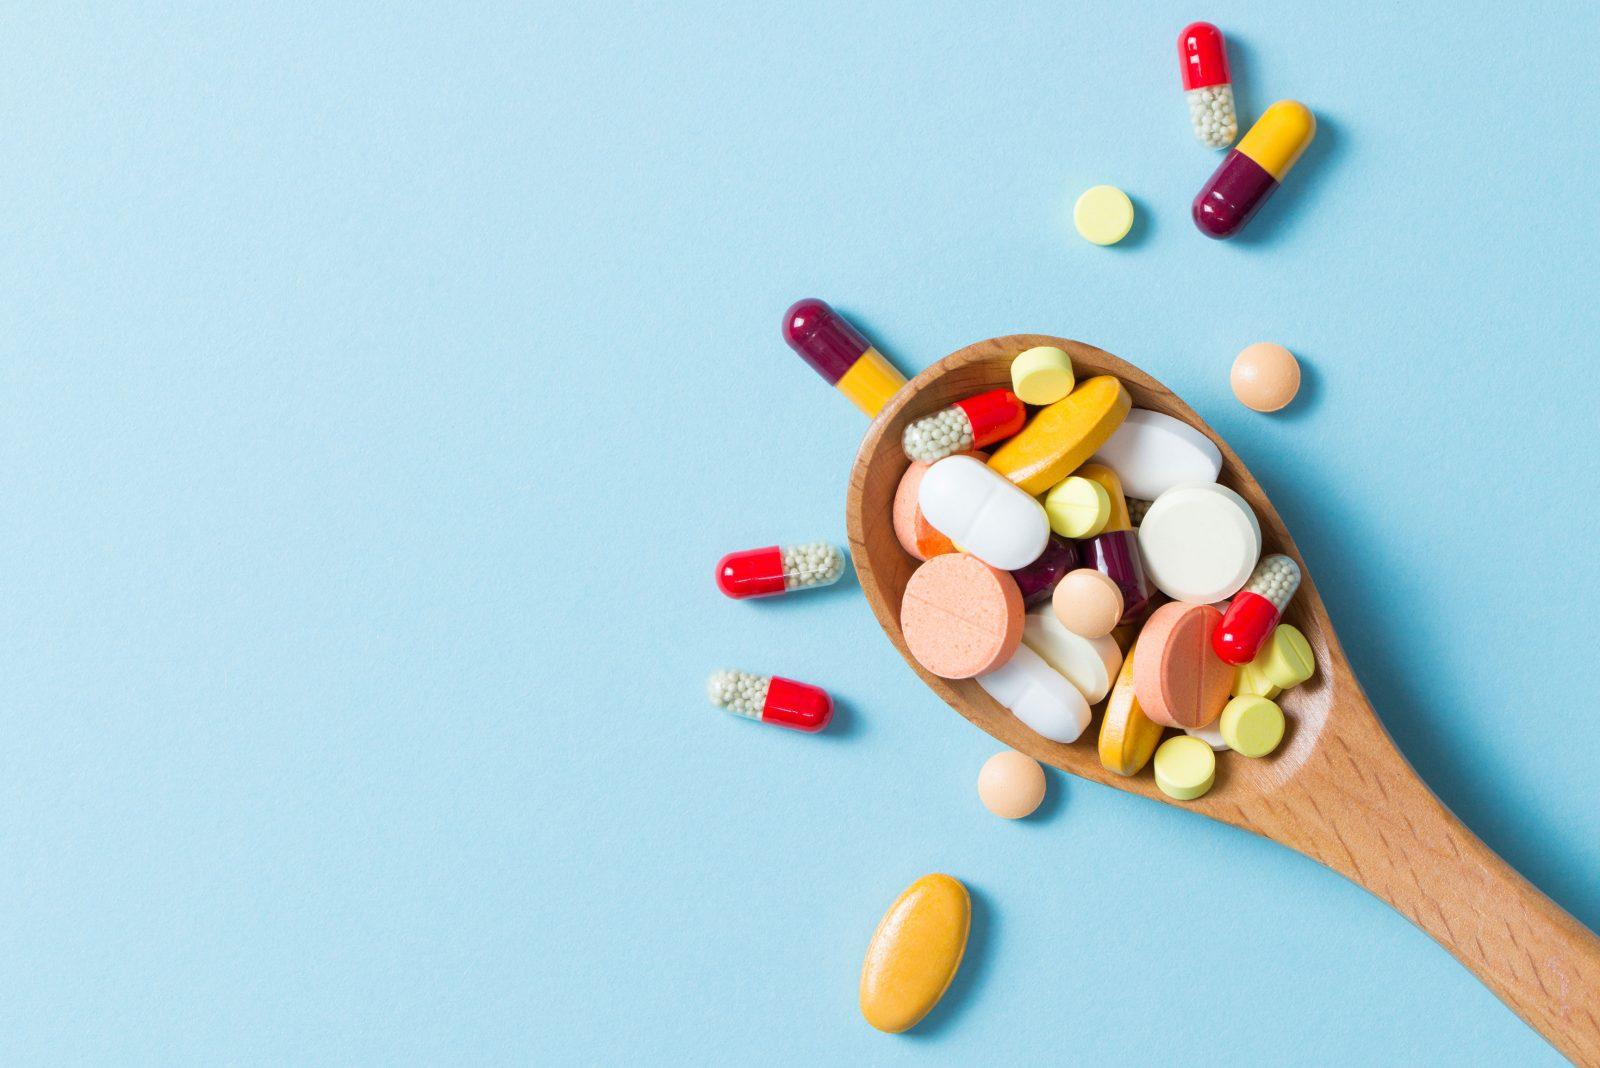 Лечение цистита у женщин: препараты недорогие и эффективные